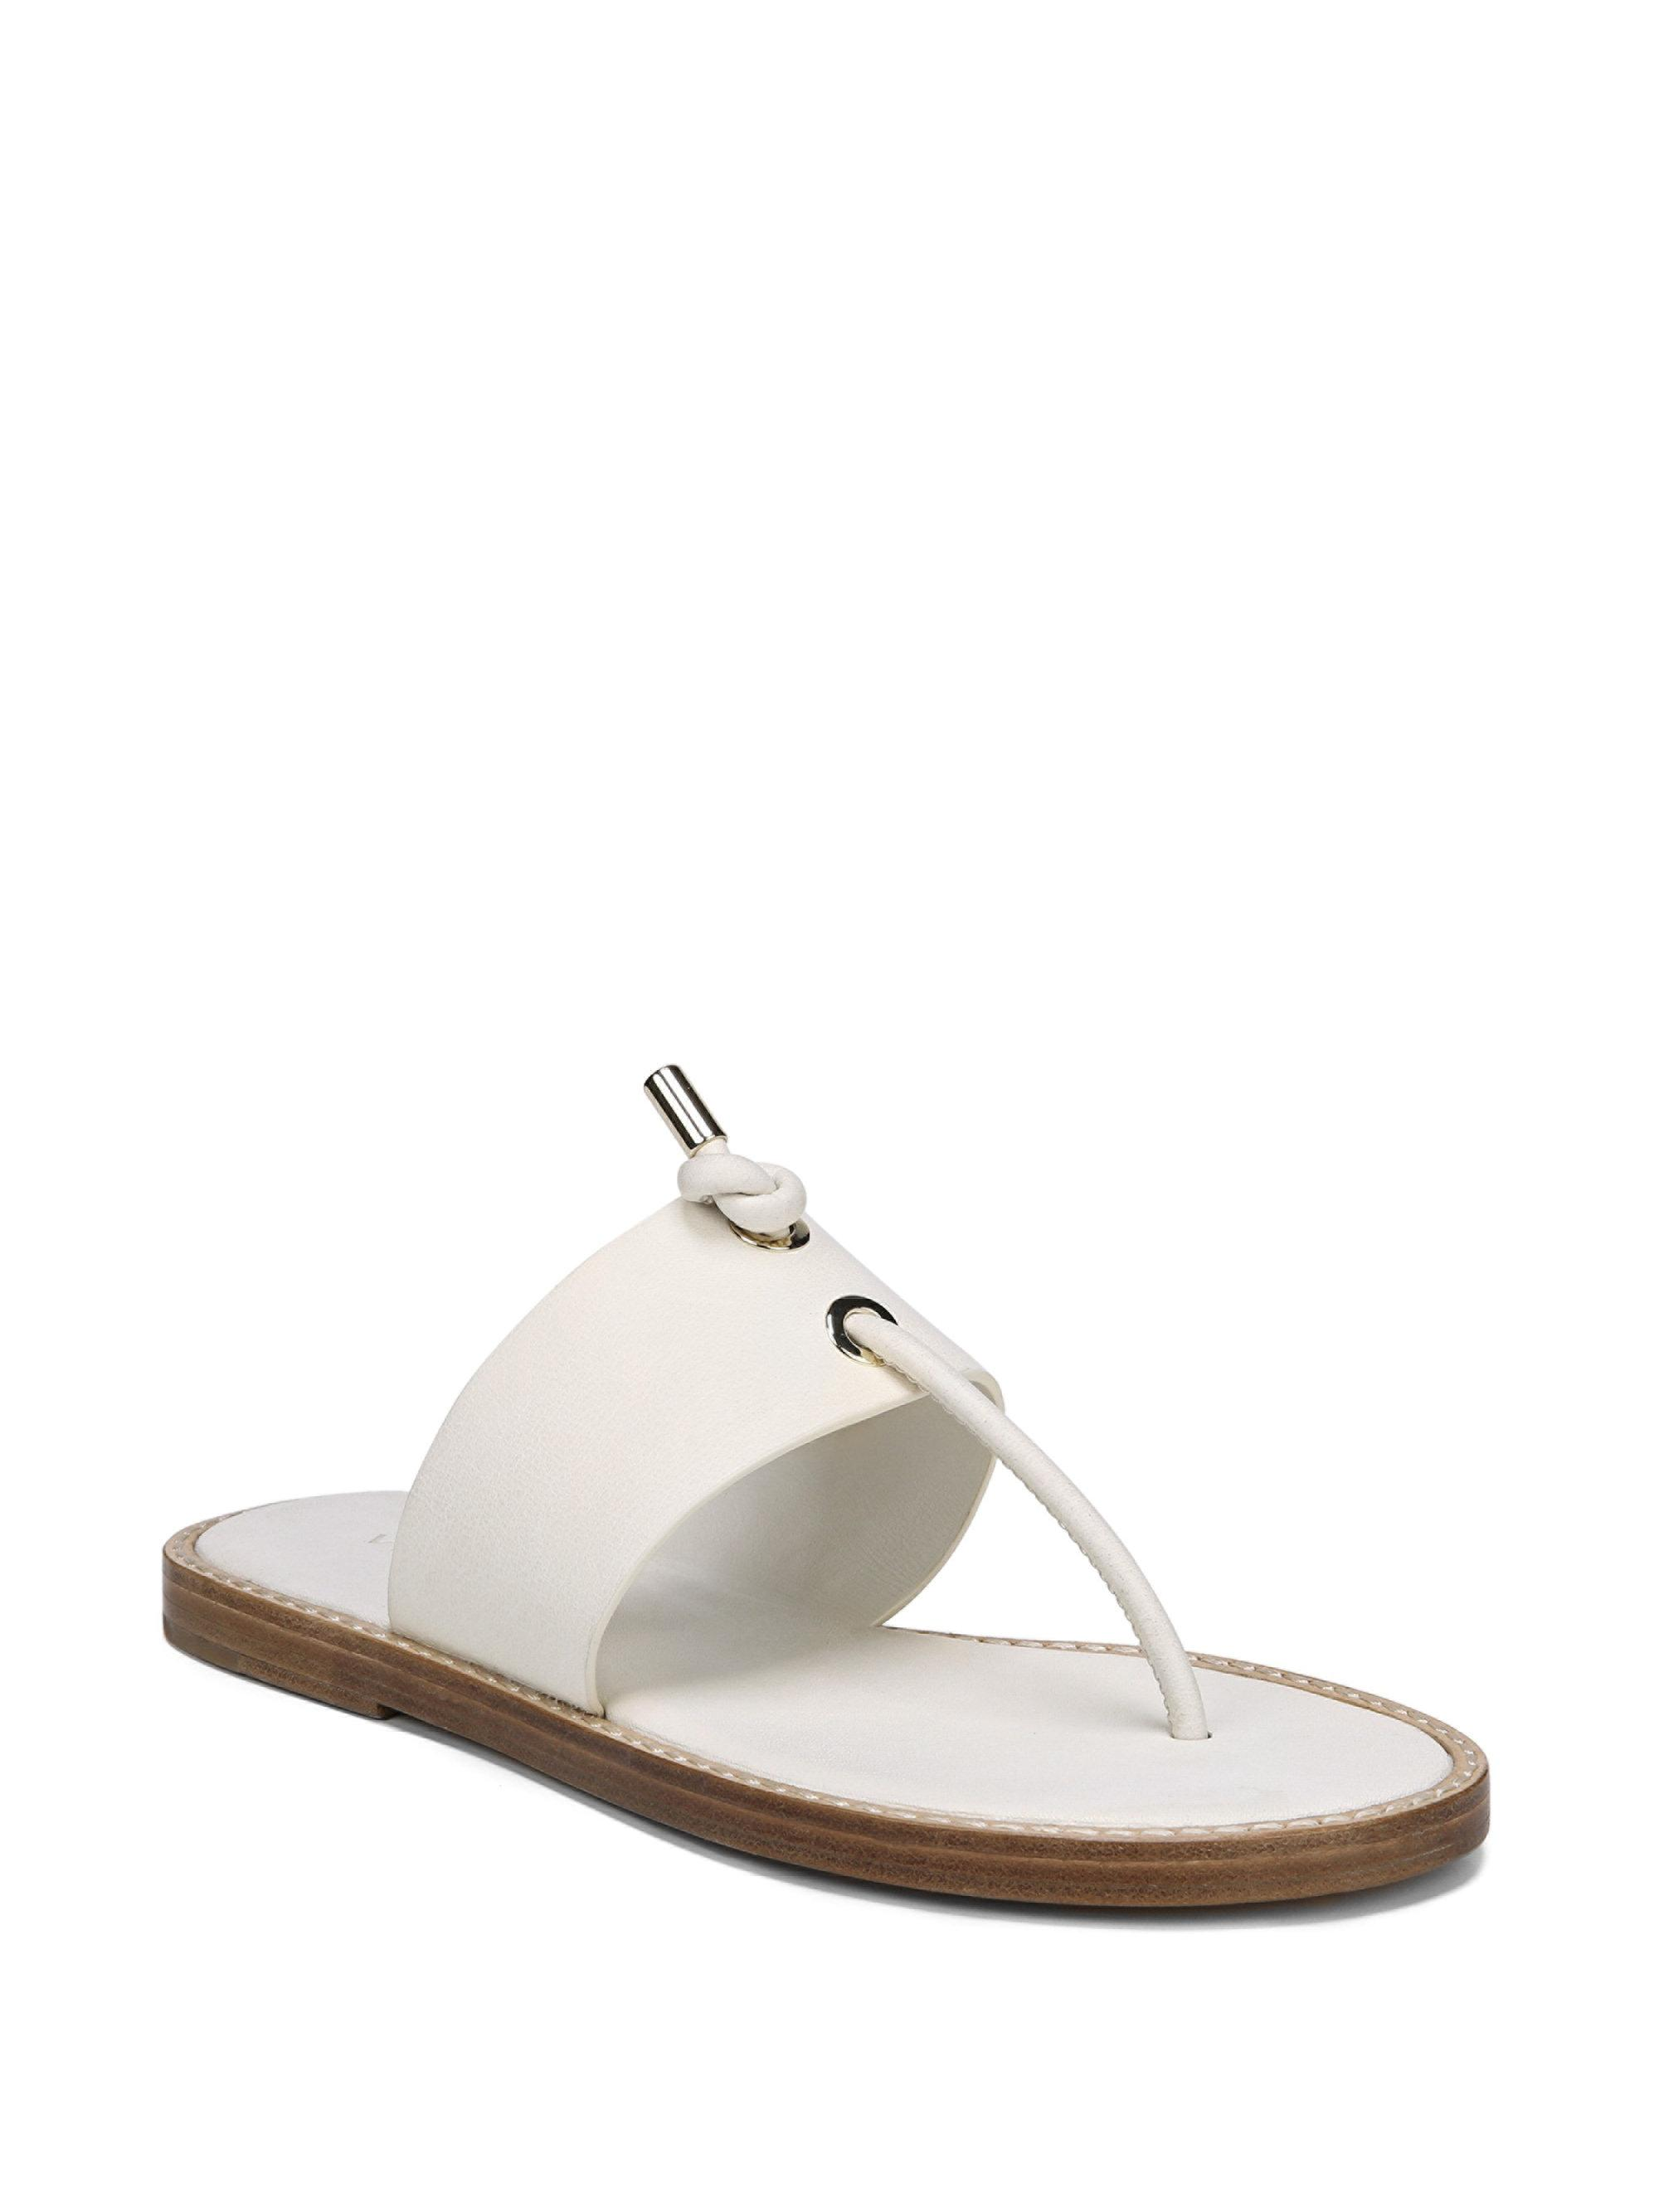 Vince Caelan Leather Thong Sandals 4AXZt6oP